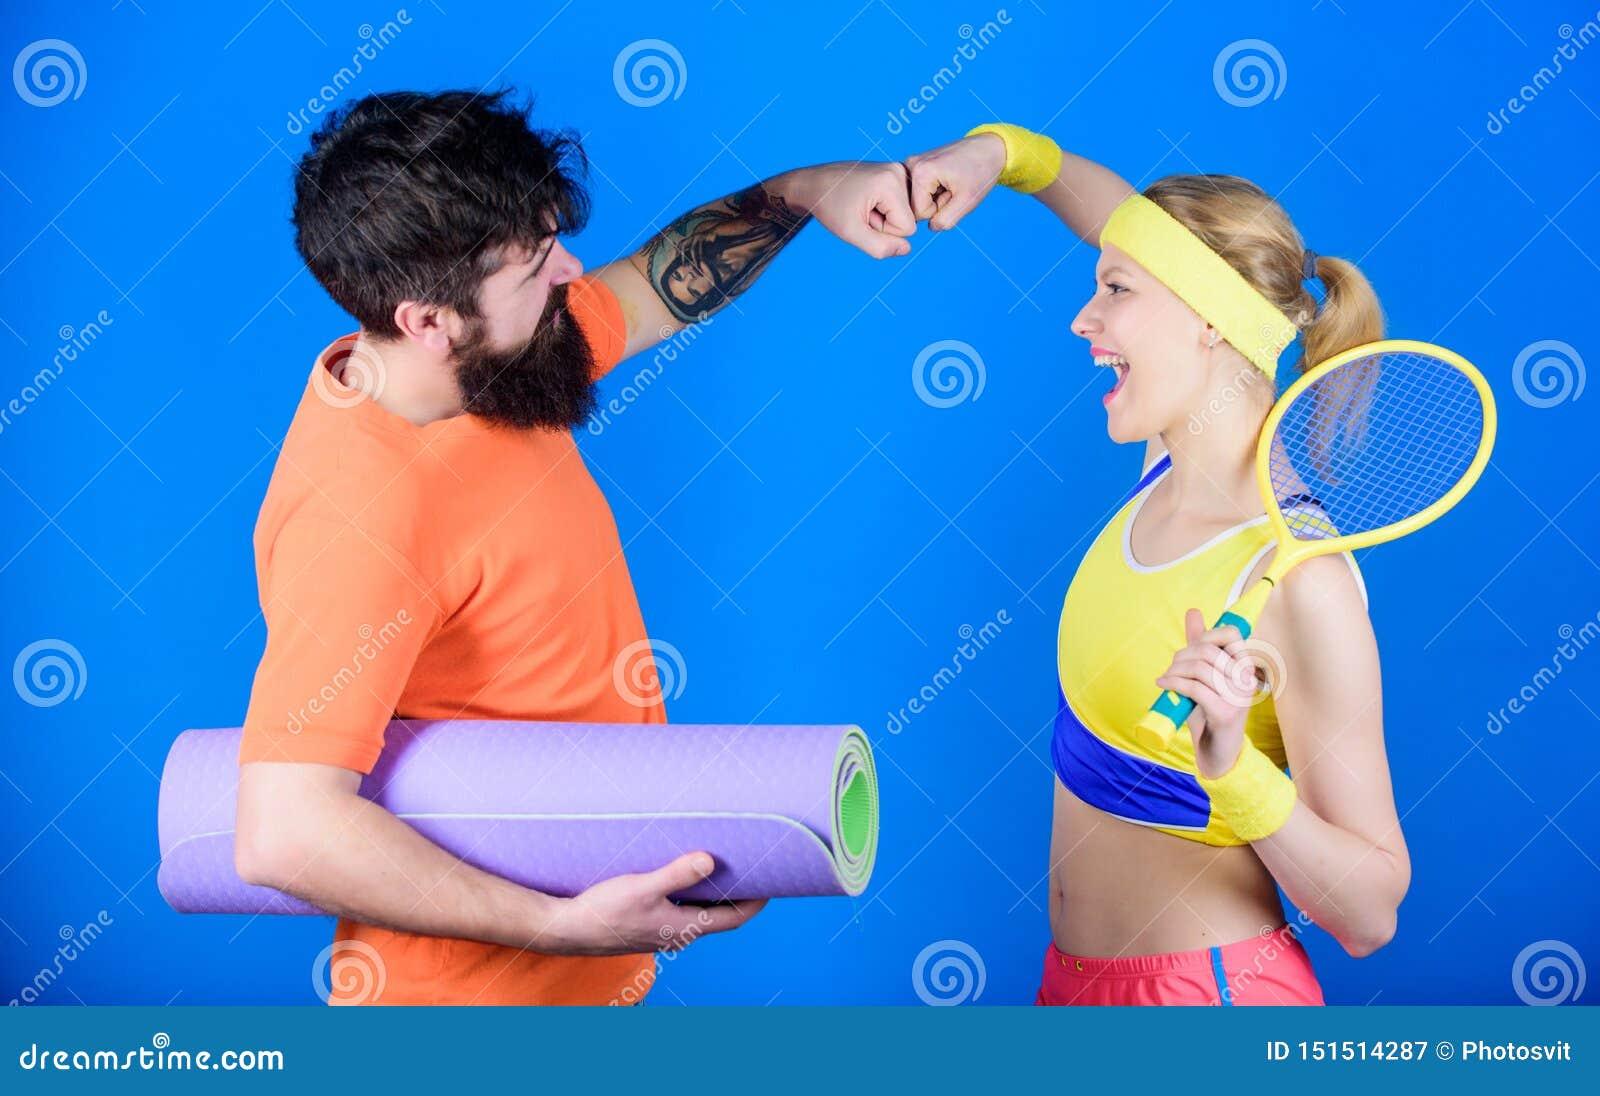 运动的夫妇 r 爱上瑜伽席子和运动器材的男人和妇女夫妇 ??